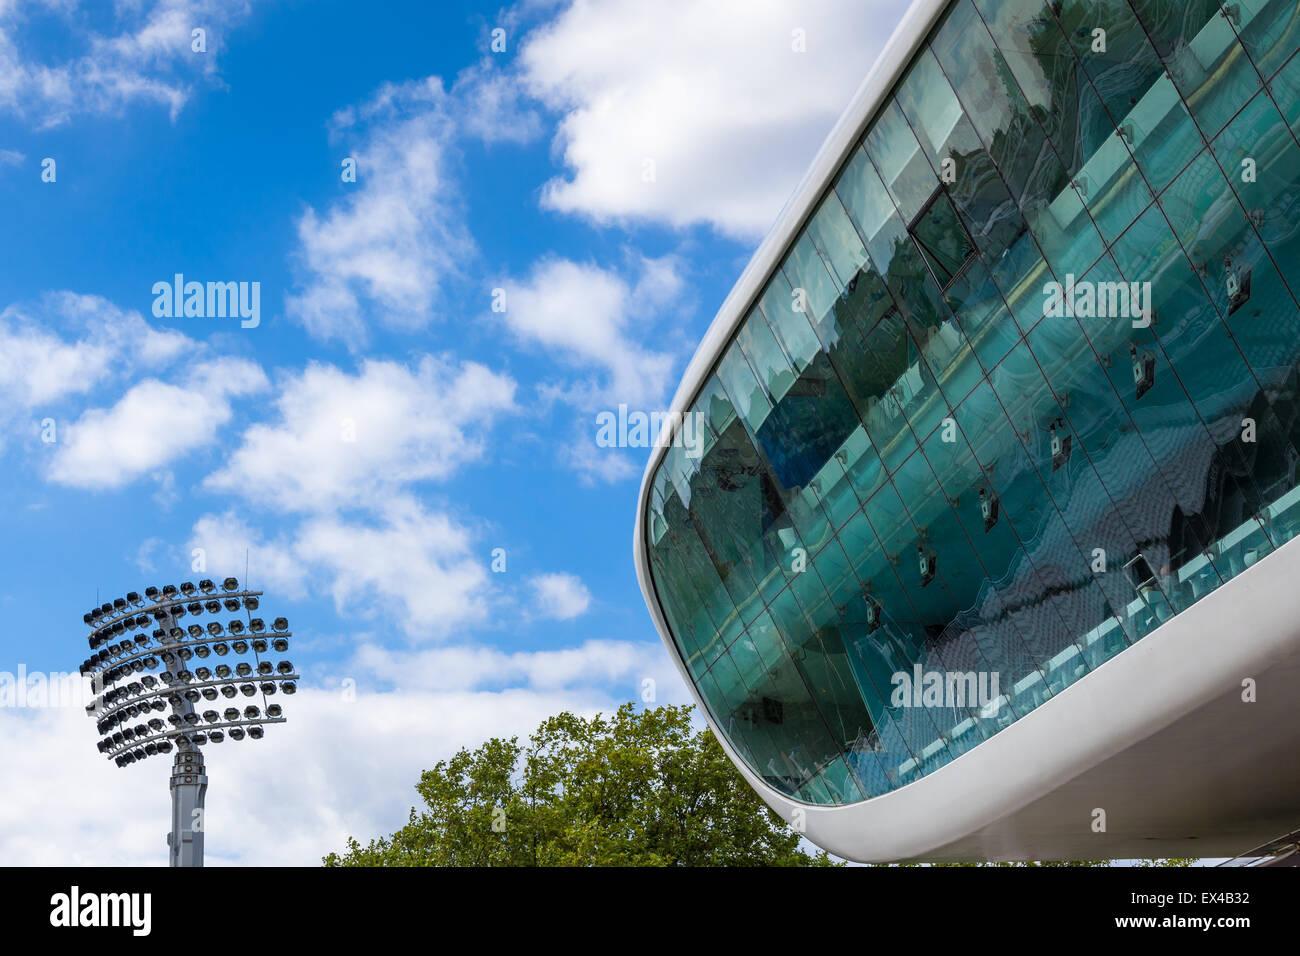 Vista de Media Center y el foco en el Vivero final de Lord's Cricket Ground - Londres, Reino Unido, 27 de junio Imagen De Stock